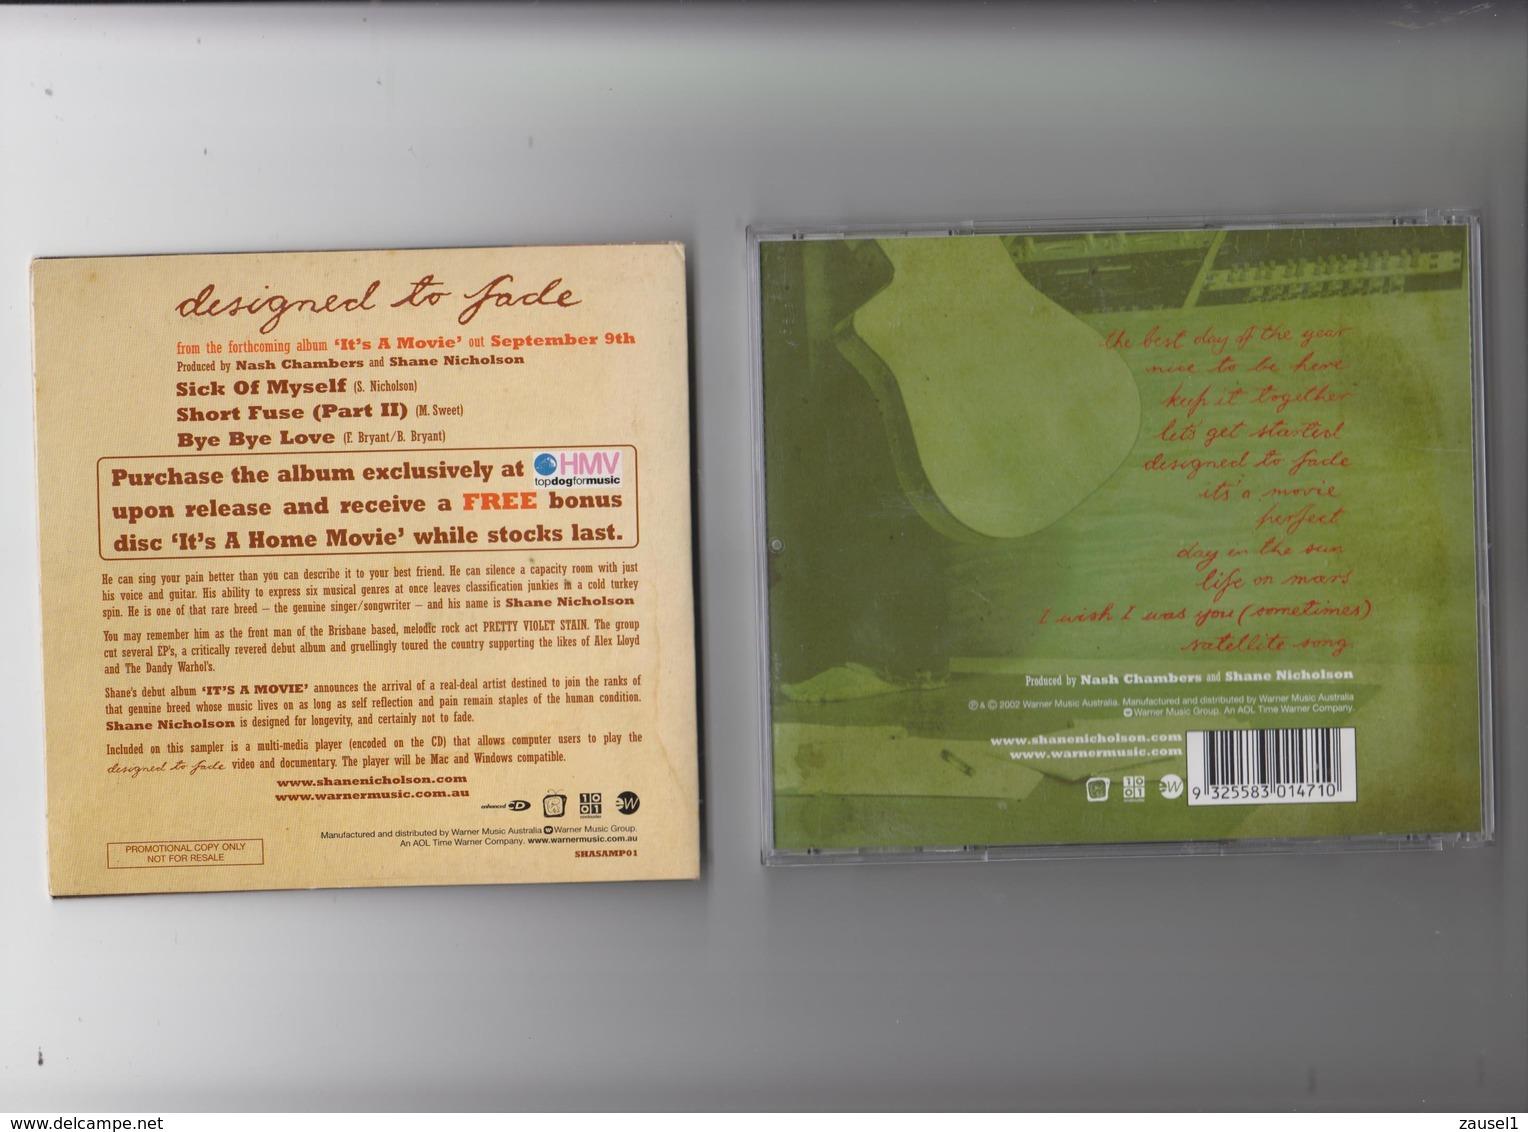 Shane Nicholson - It's A Movie + Designed To Fade - 2 Original CDs - Spezial - Country & Folk